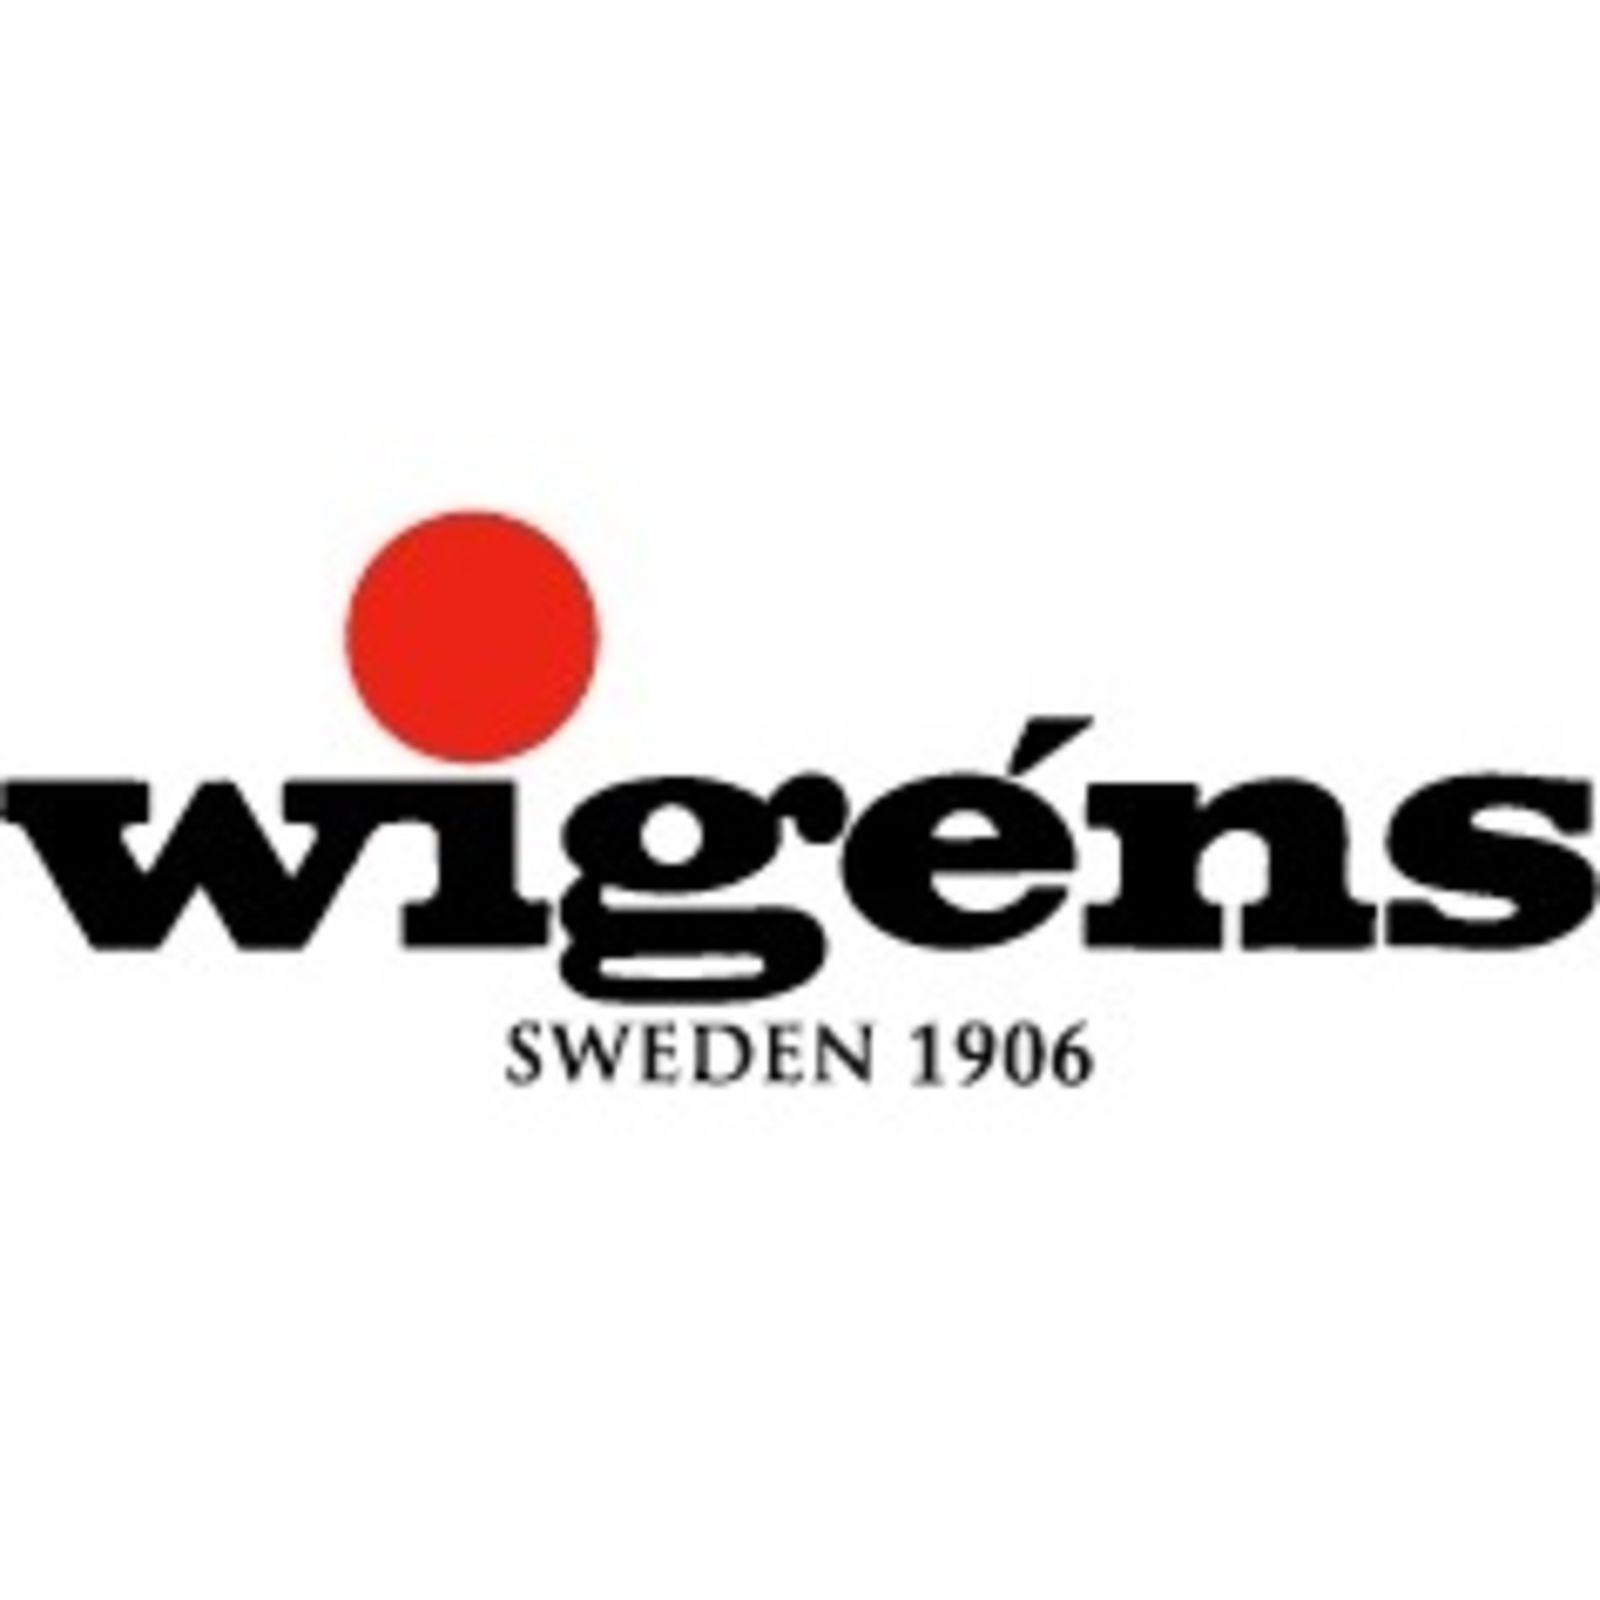 Wigéns